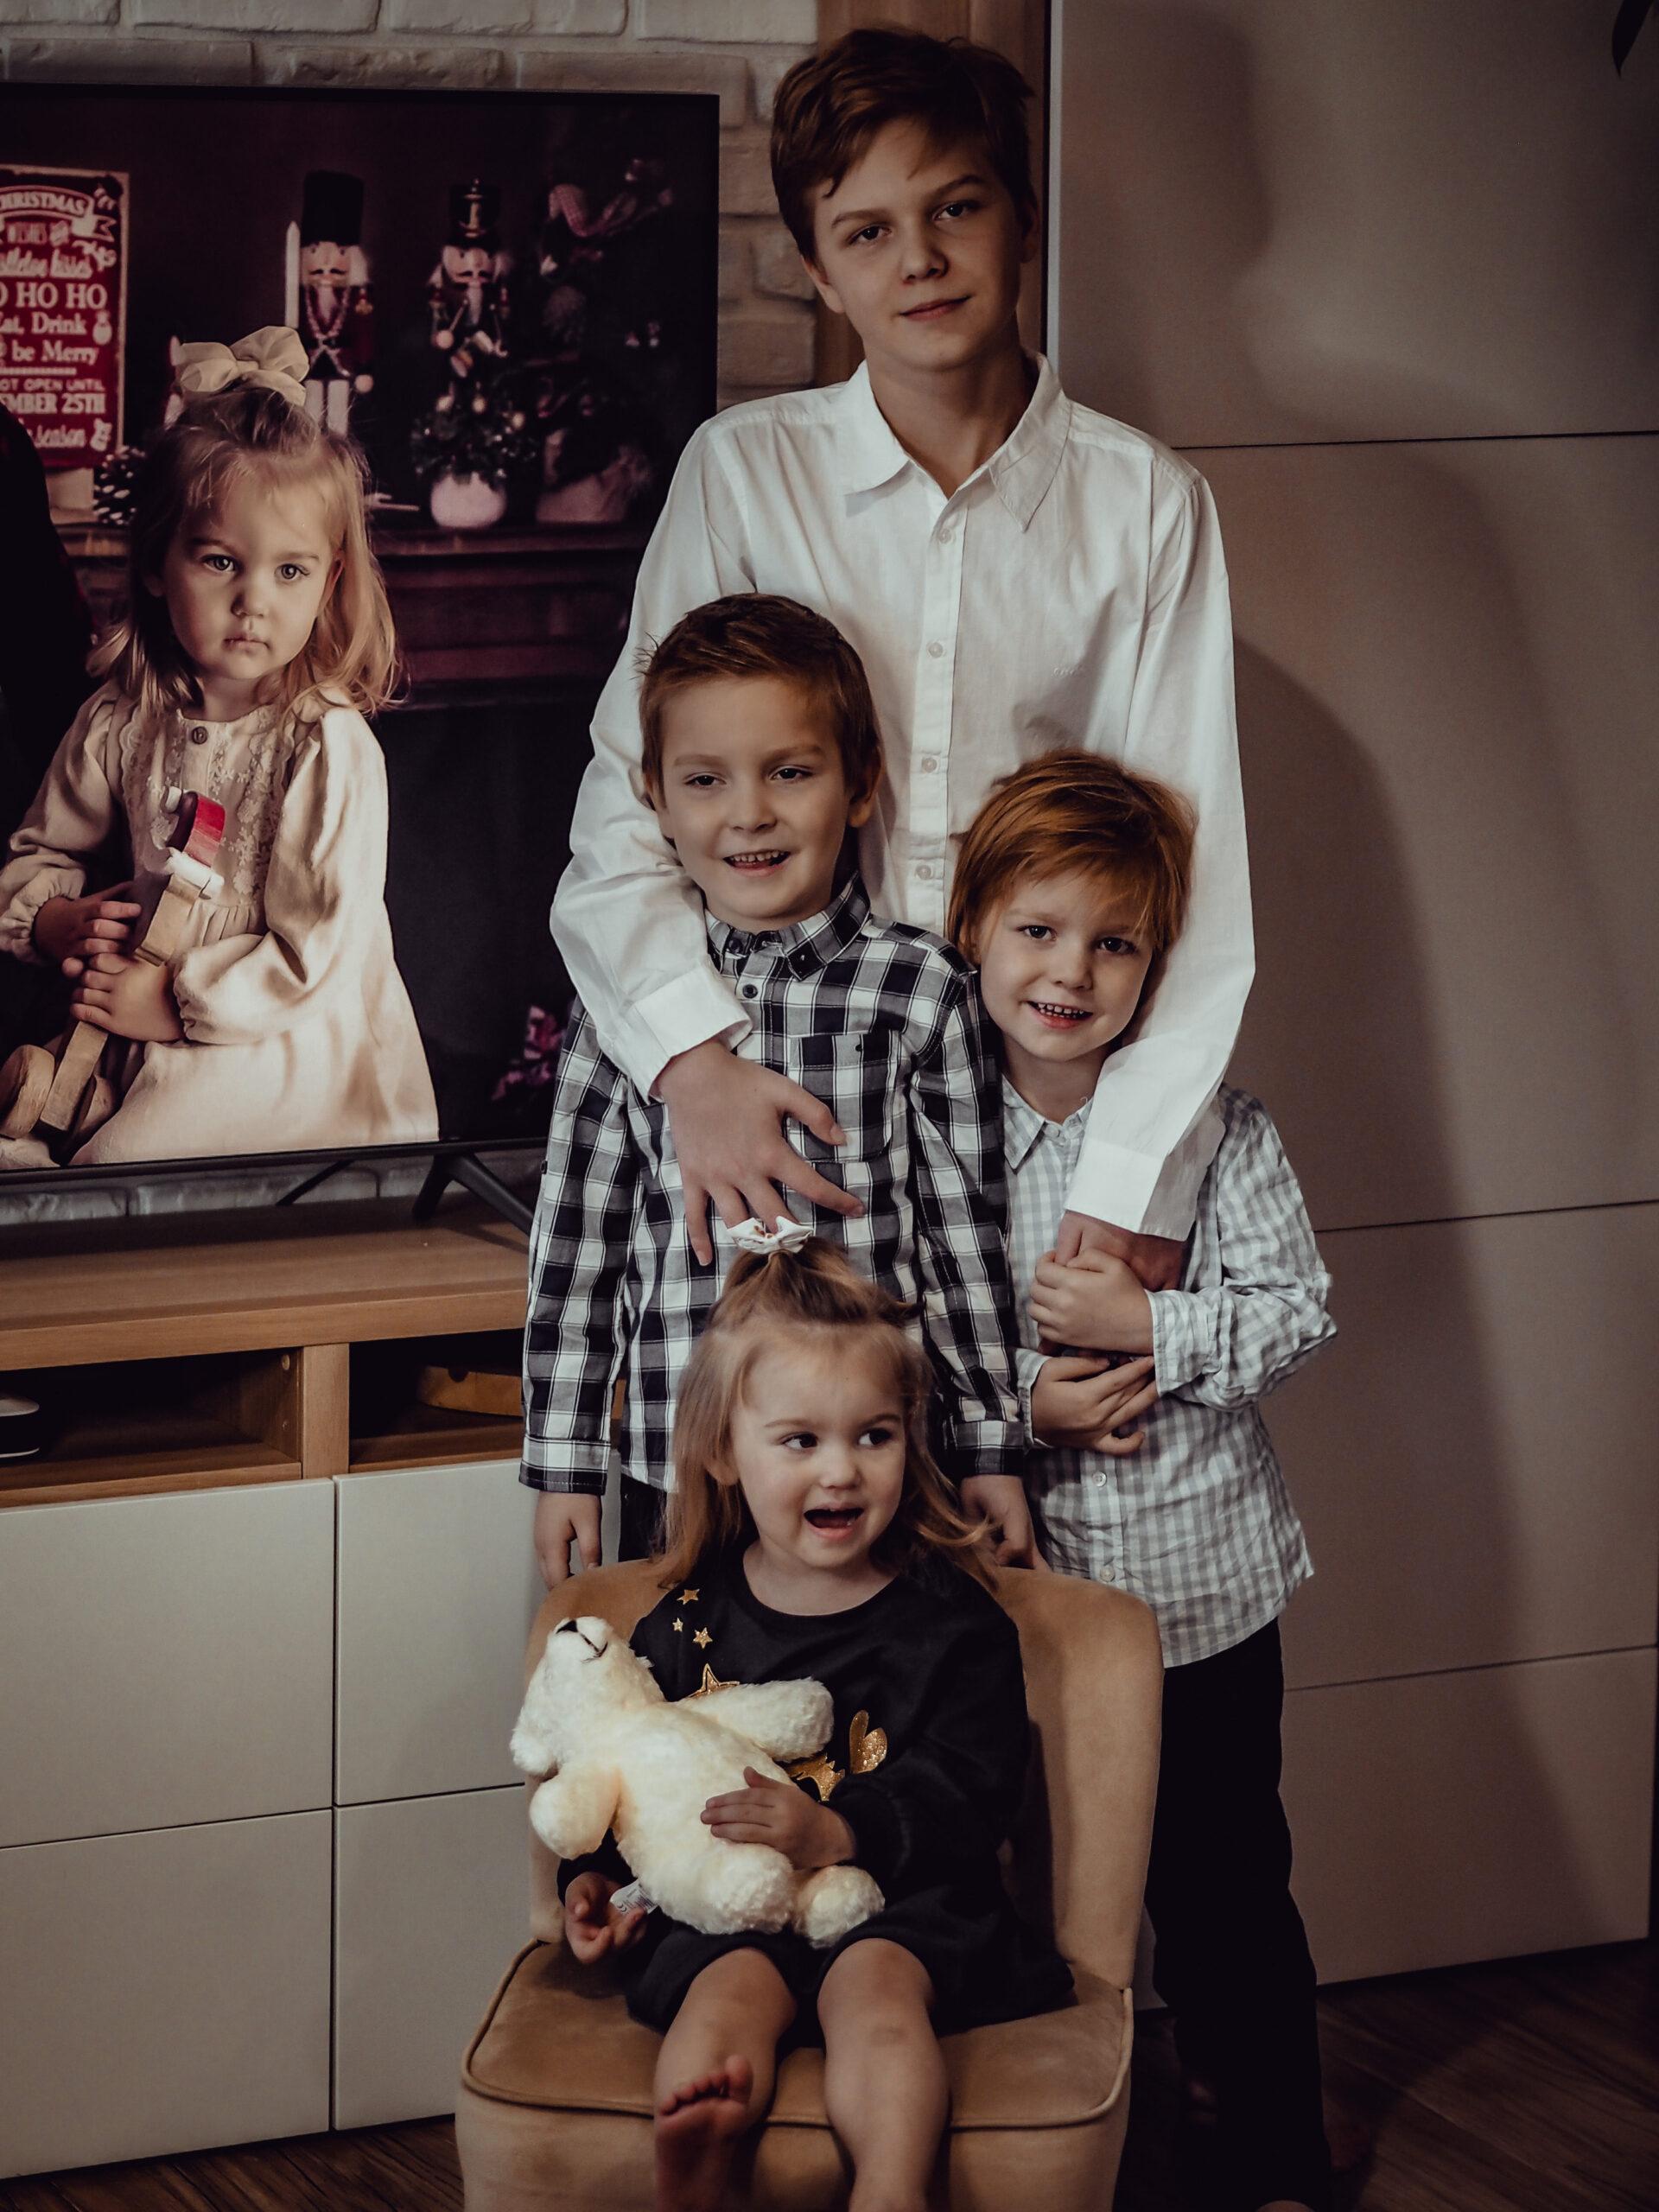 Rodzinne zdjęcie dzieci w ubraniach na święta.